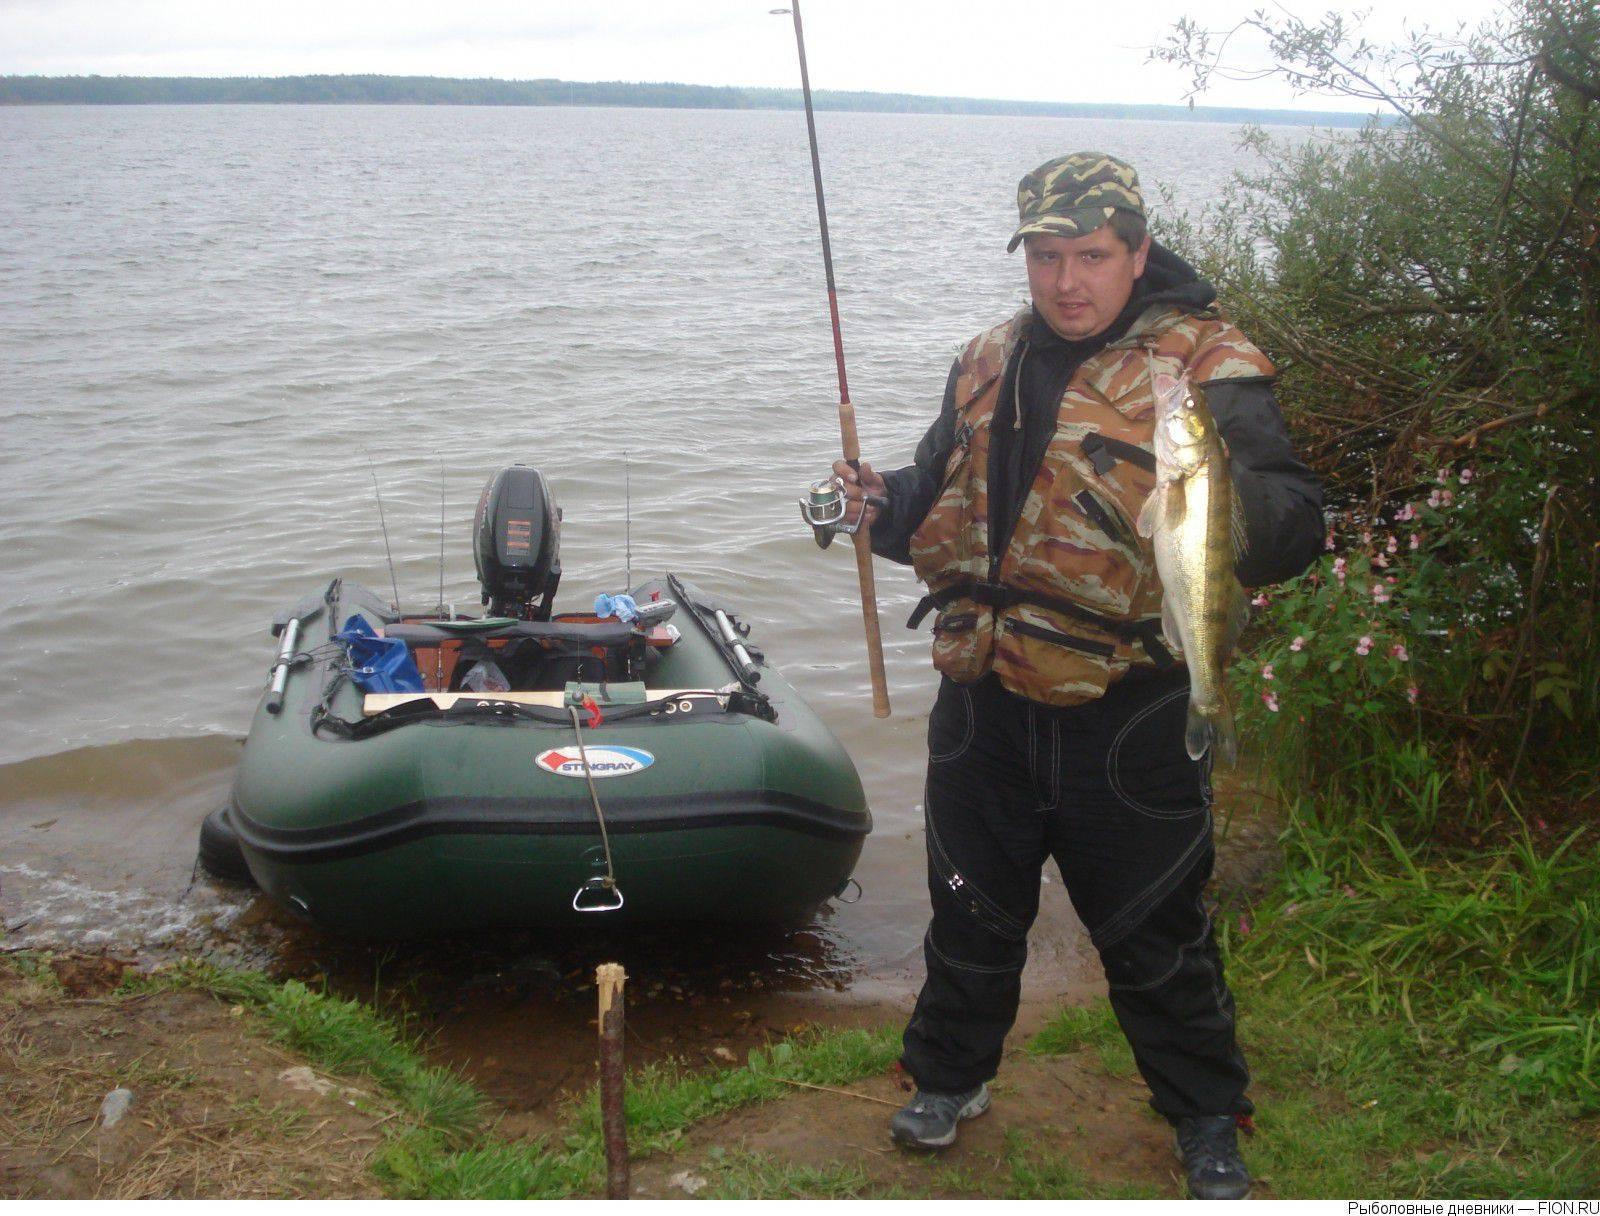 Пестовское водохранилище: особенности зимней рыбалки, виды рыб и места для ловли